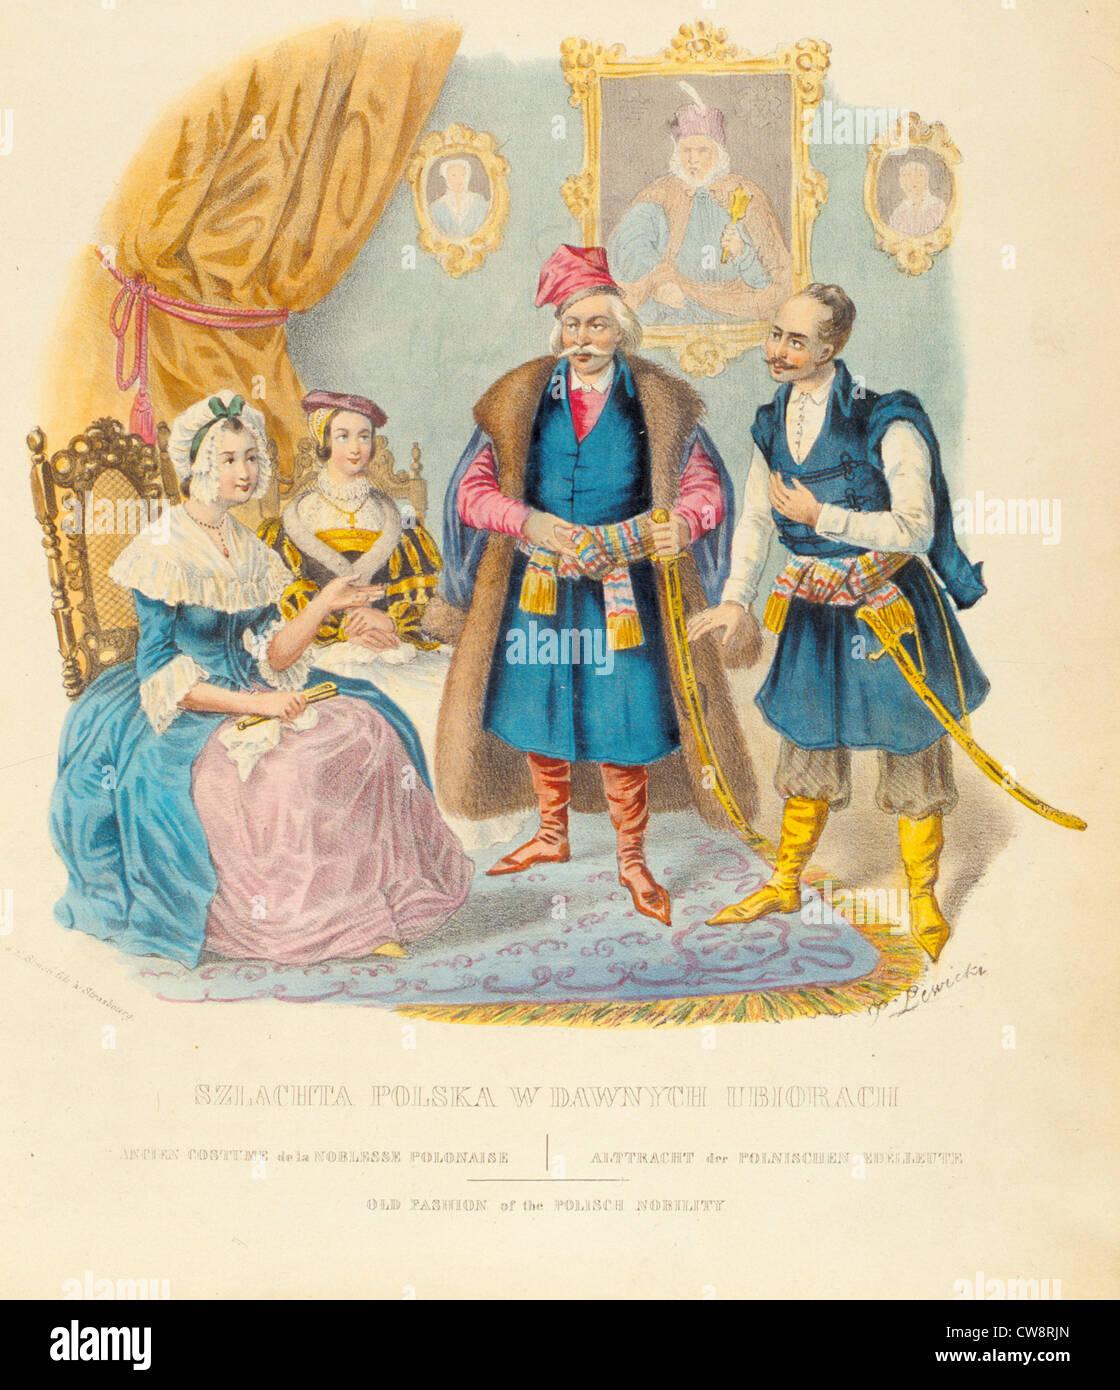 Antichi costumi della nobiltà polacca Immagini Stock